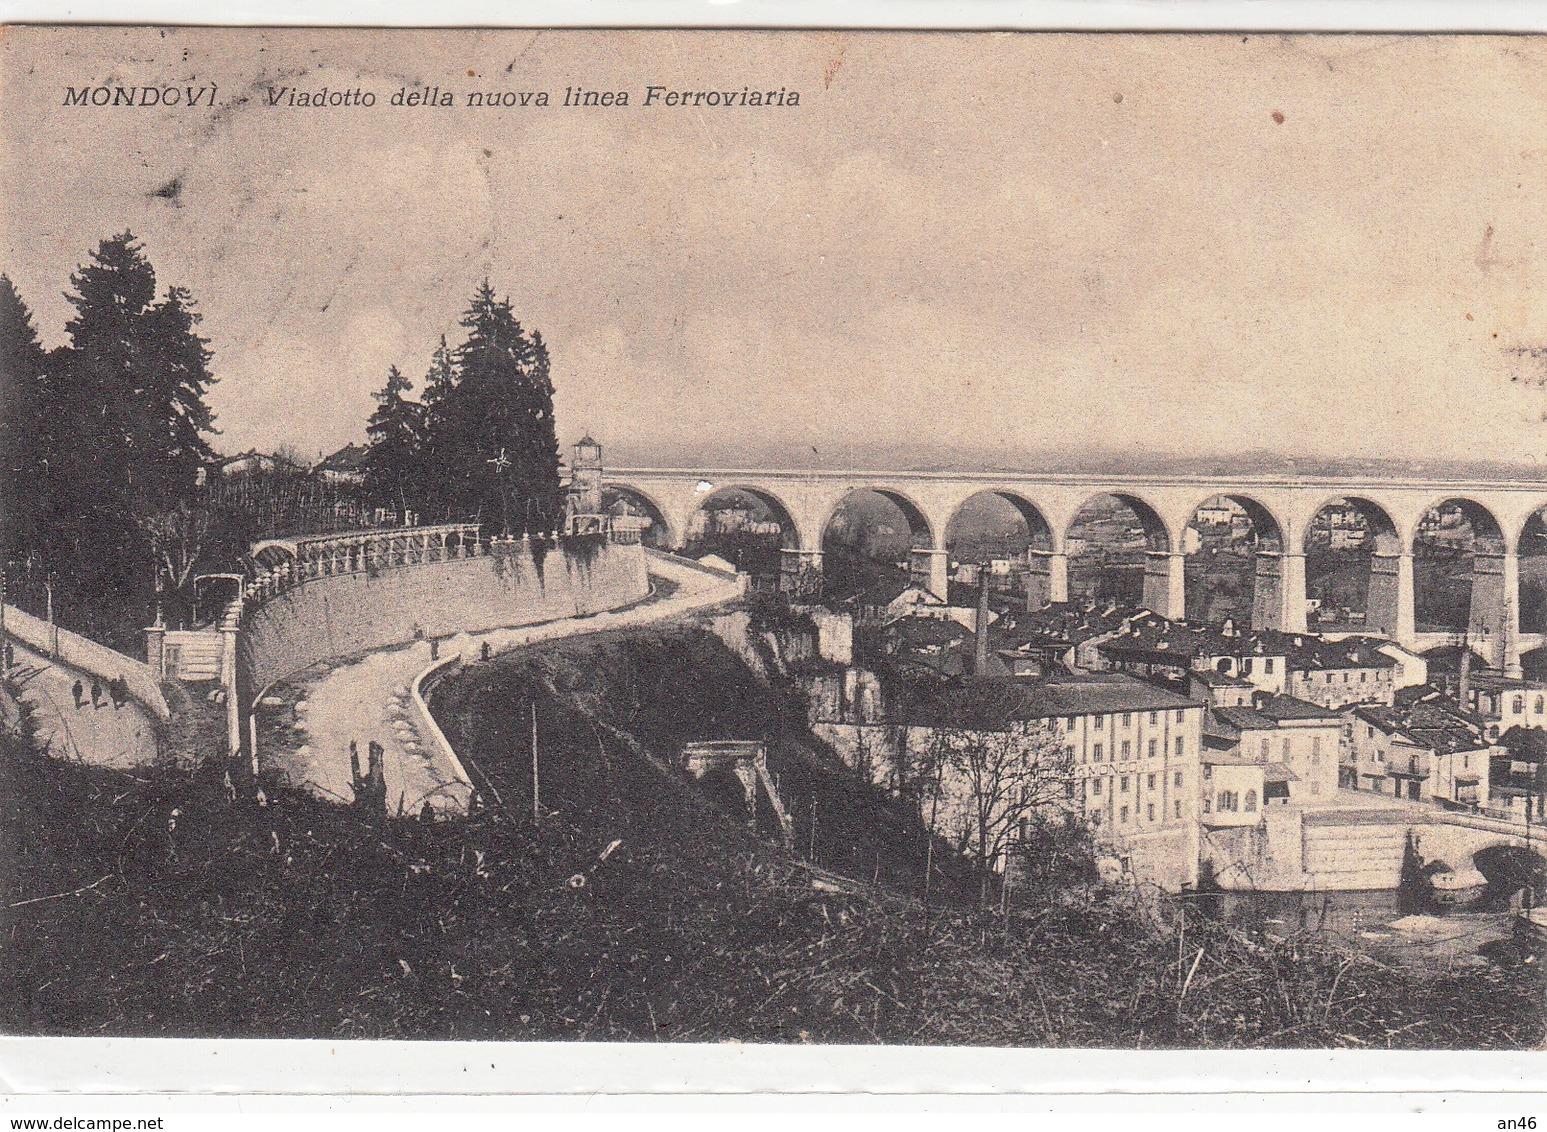 Mondovi-Viadotto Della Nuova Linea Ferroviaria -Vg Il-1923-Integra E Originale Al 100%-2 Scann- - Cuneo